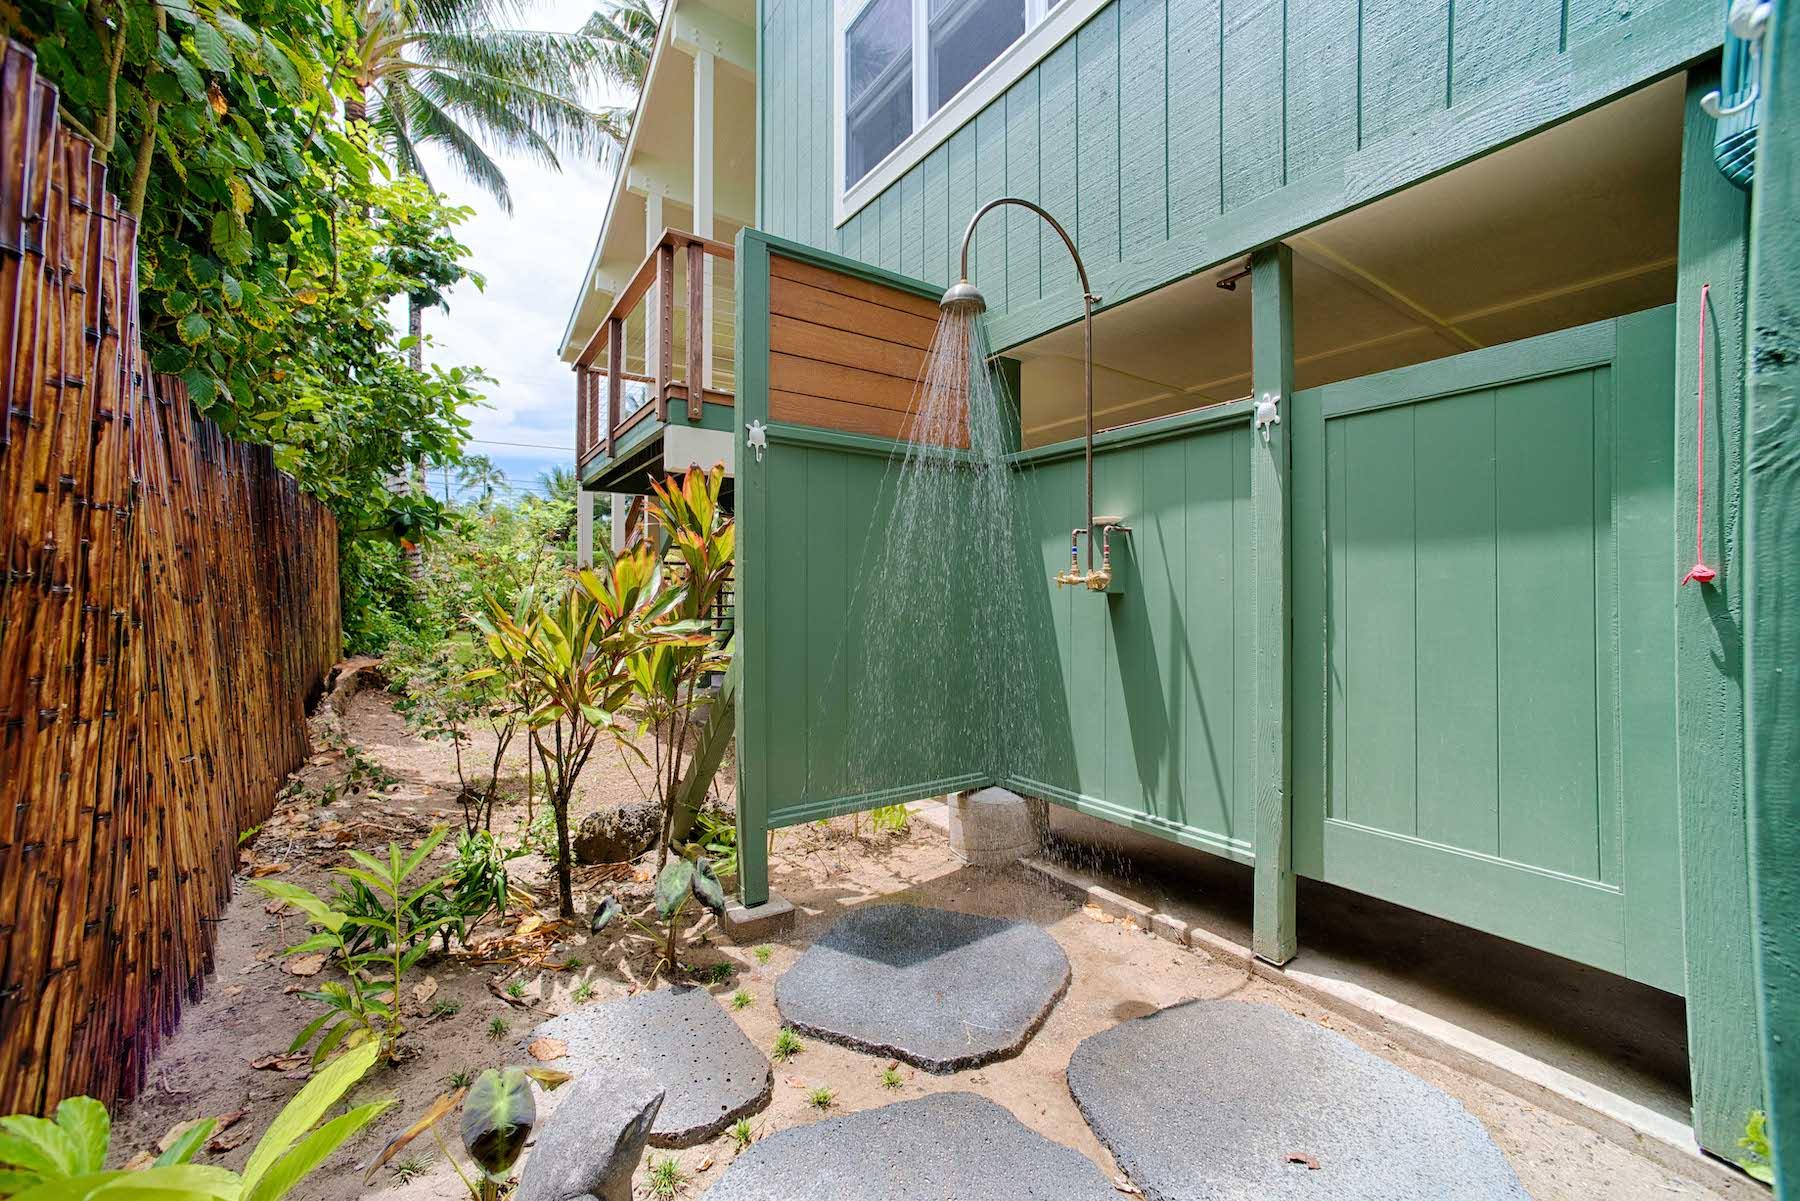 Hale Hoku Outdoor Shower